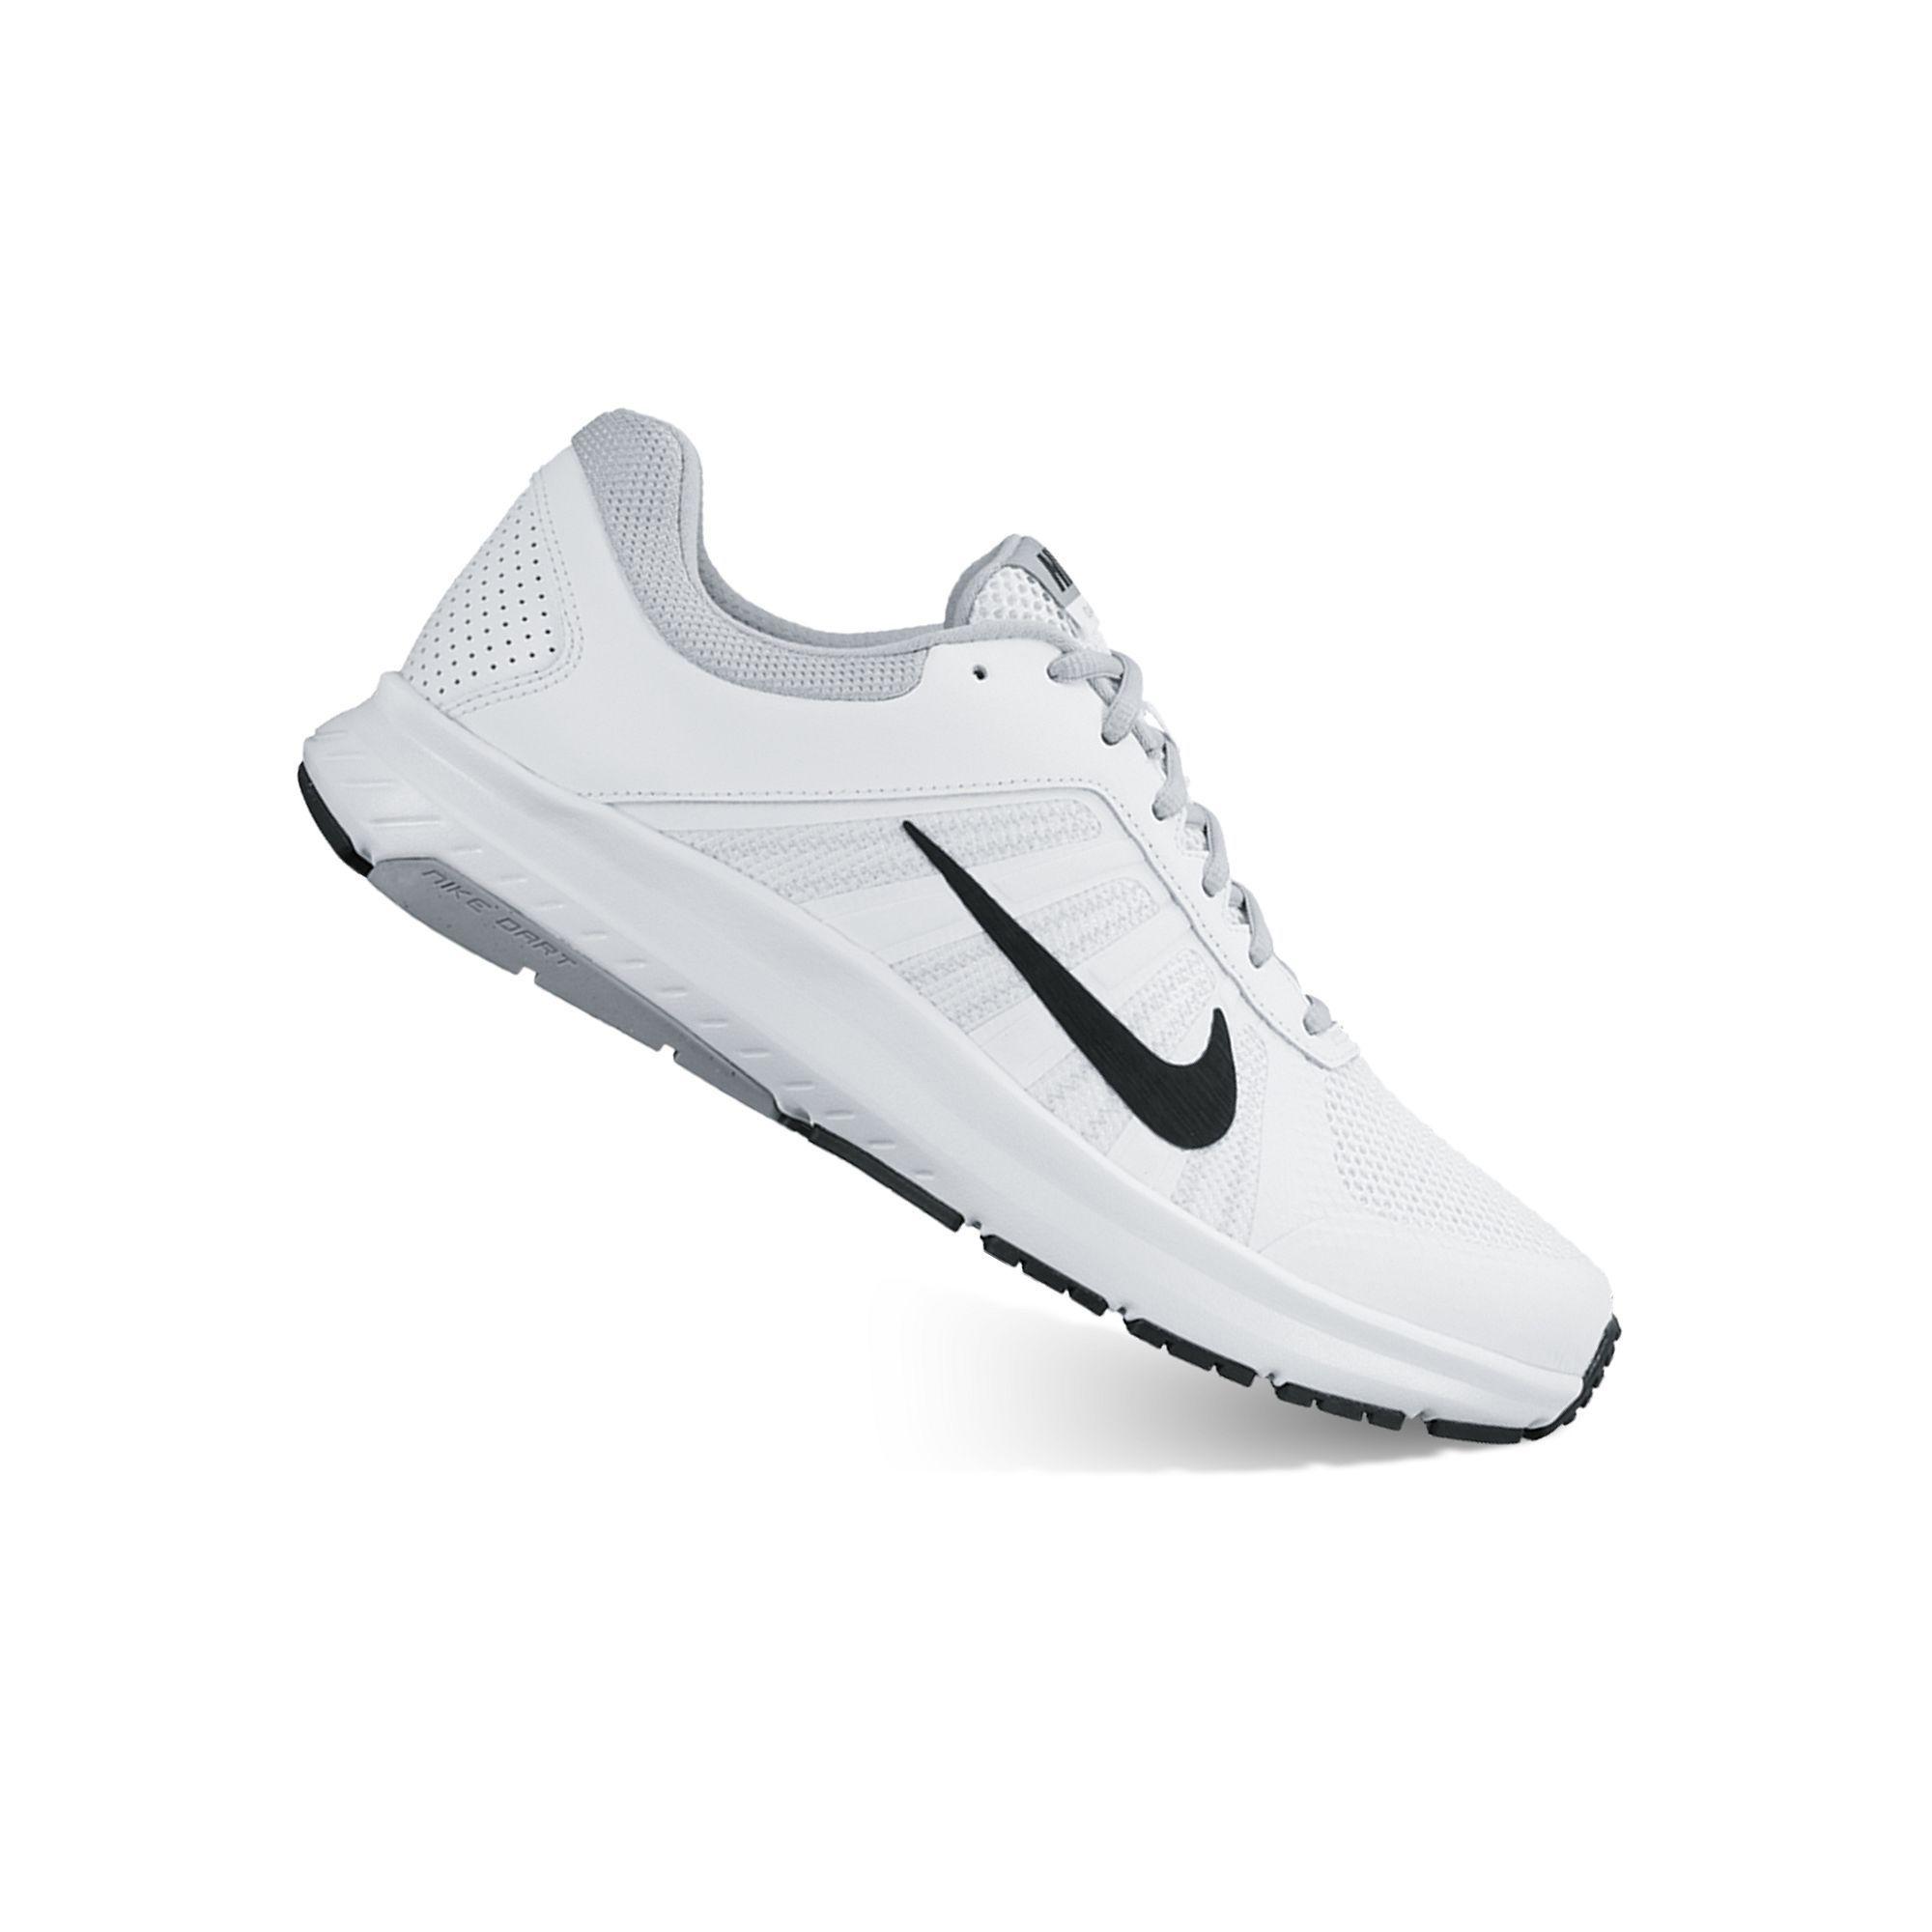 escándalo espalda Asistente  Nike Dart 12 Men's Running Shoes | Deportes